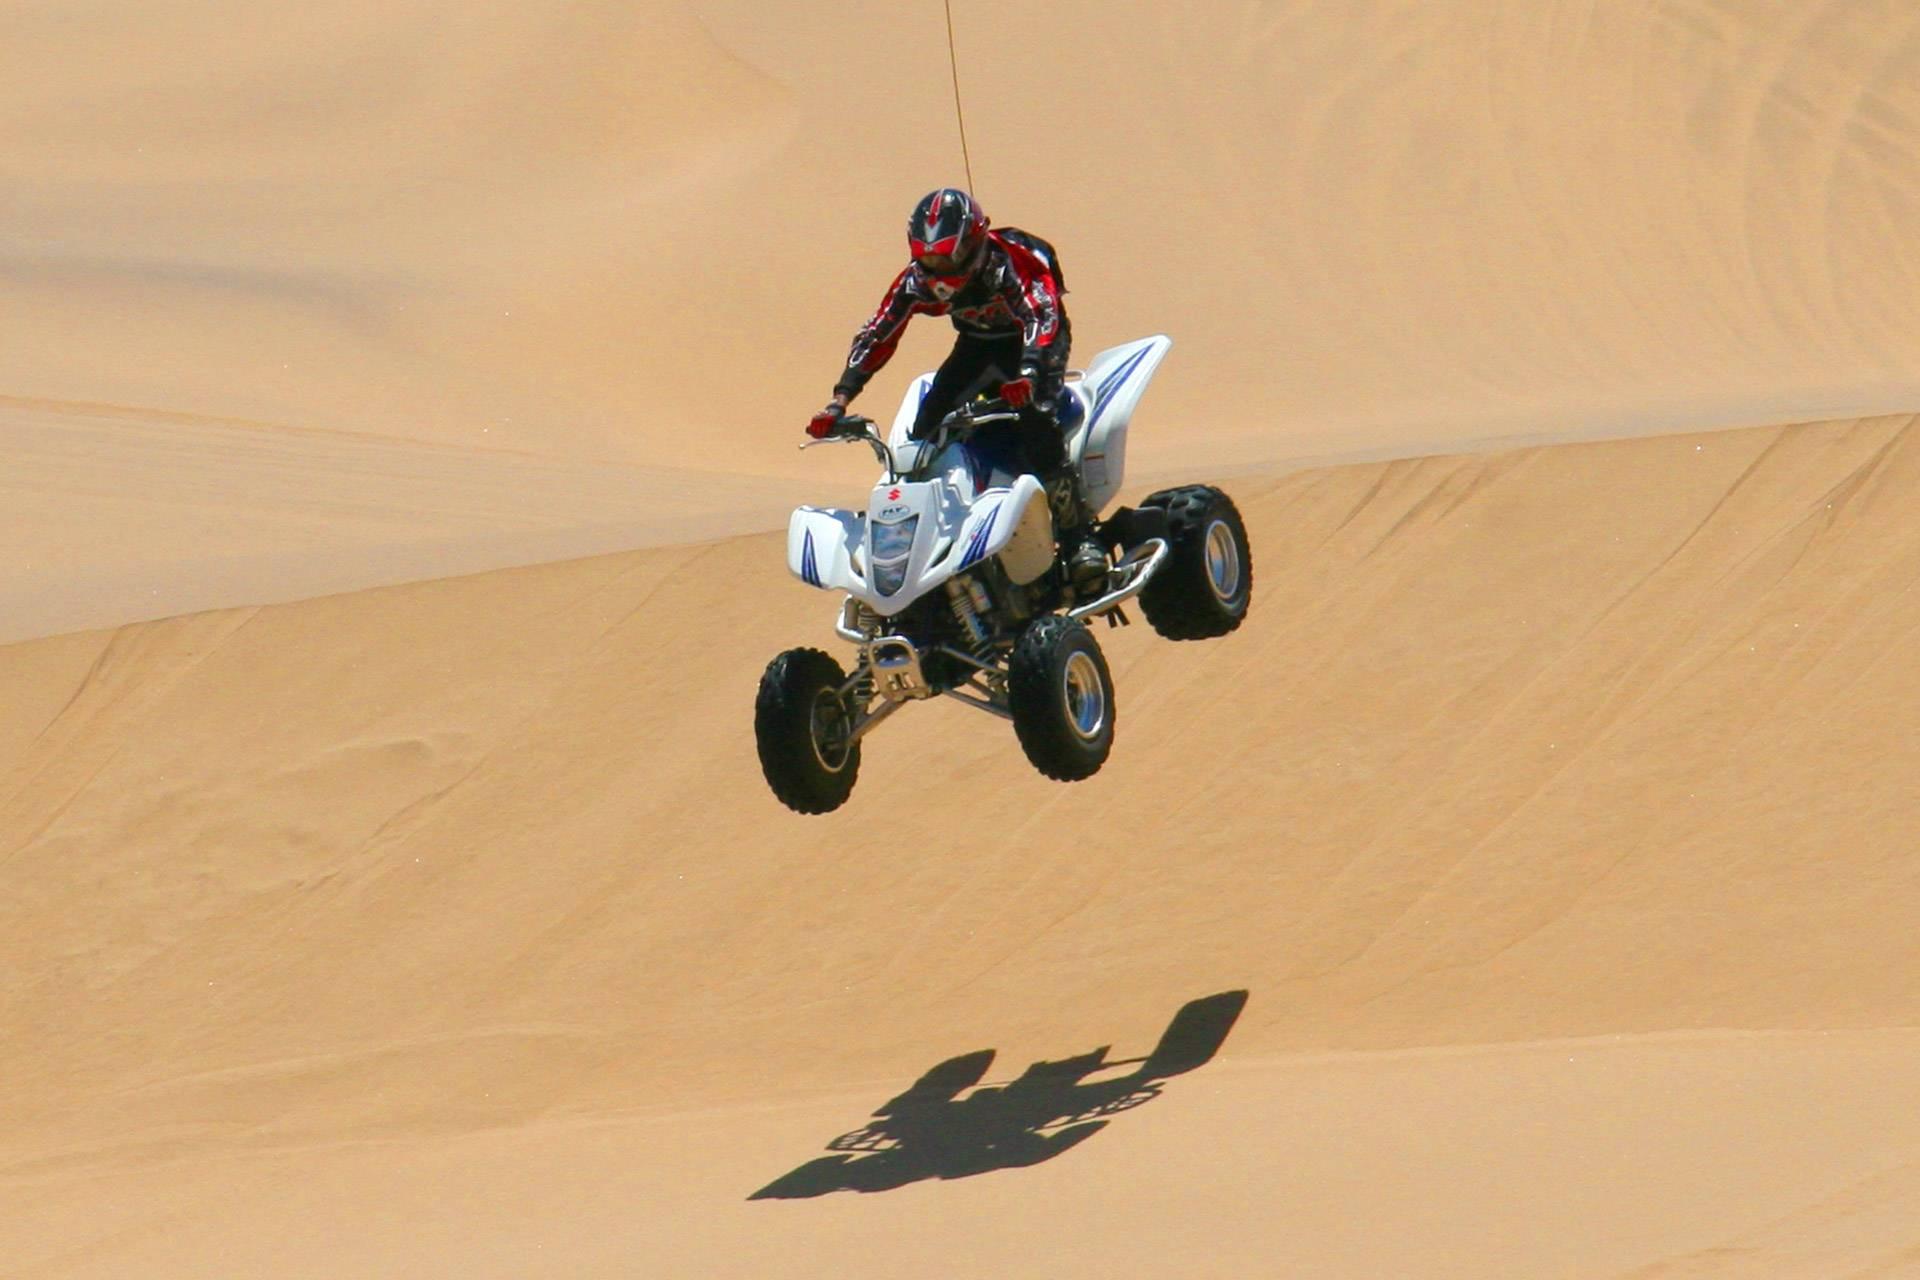 l_3-thrilling_dune_bashing